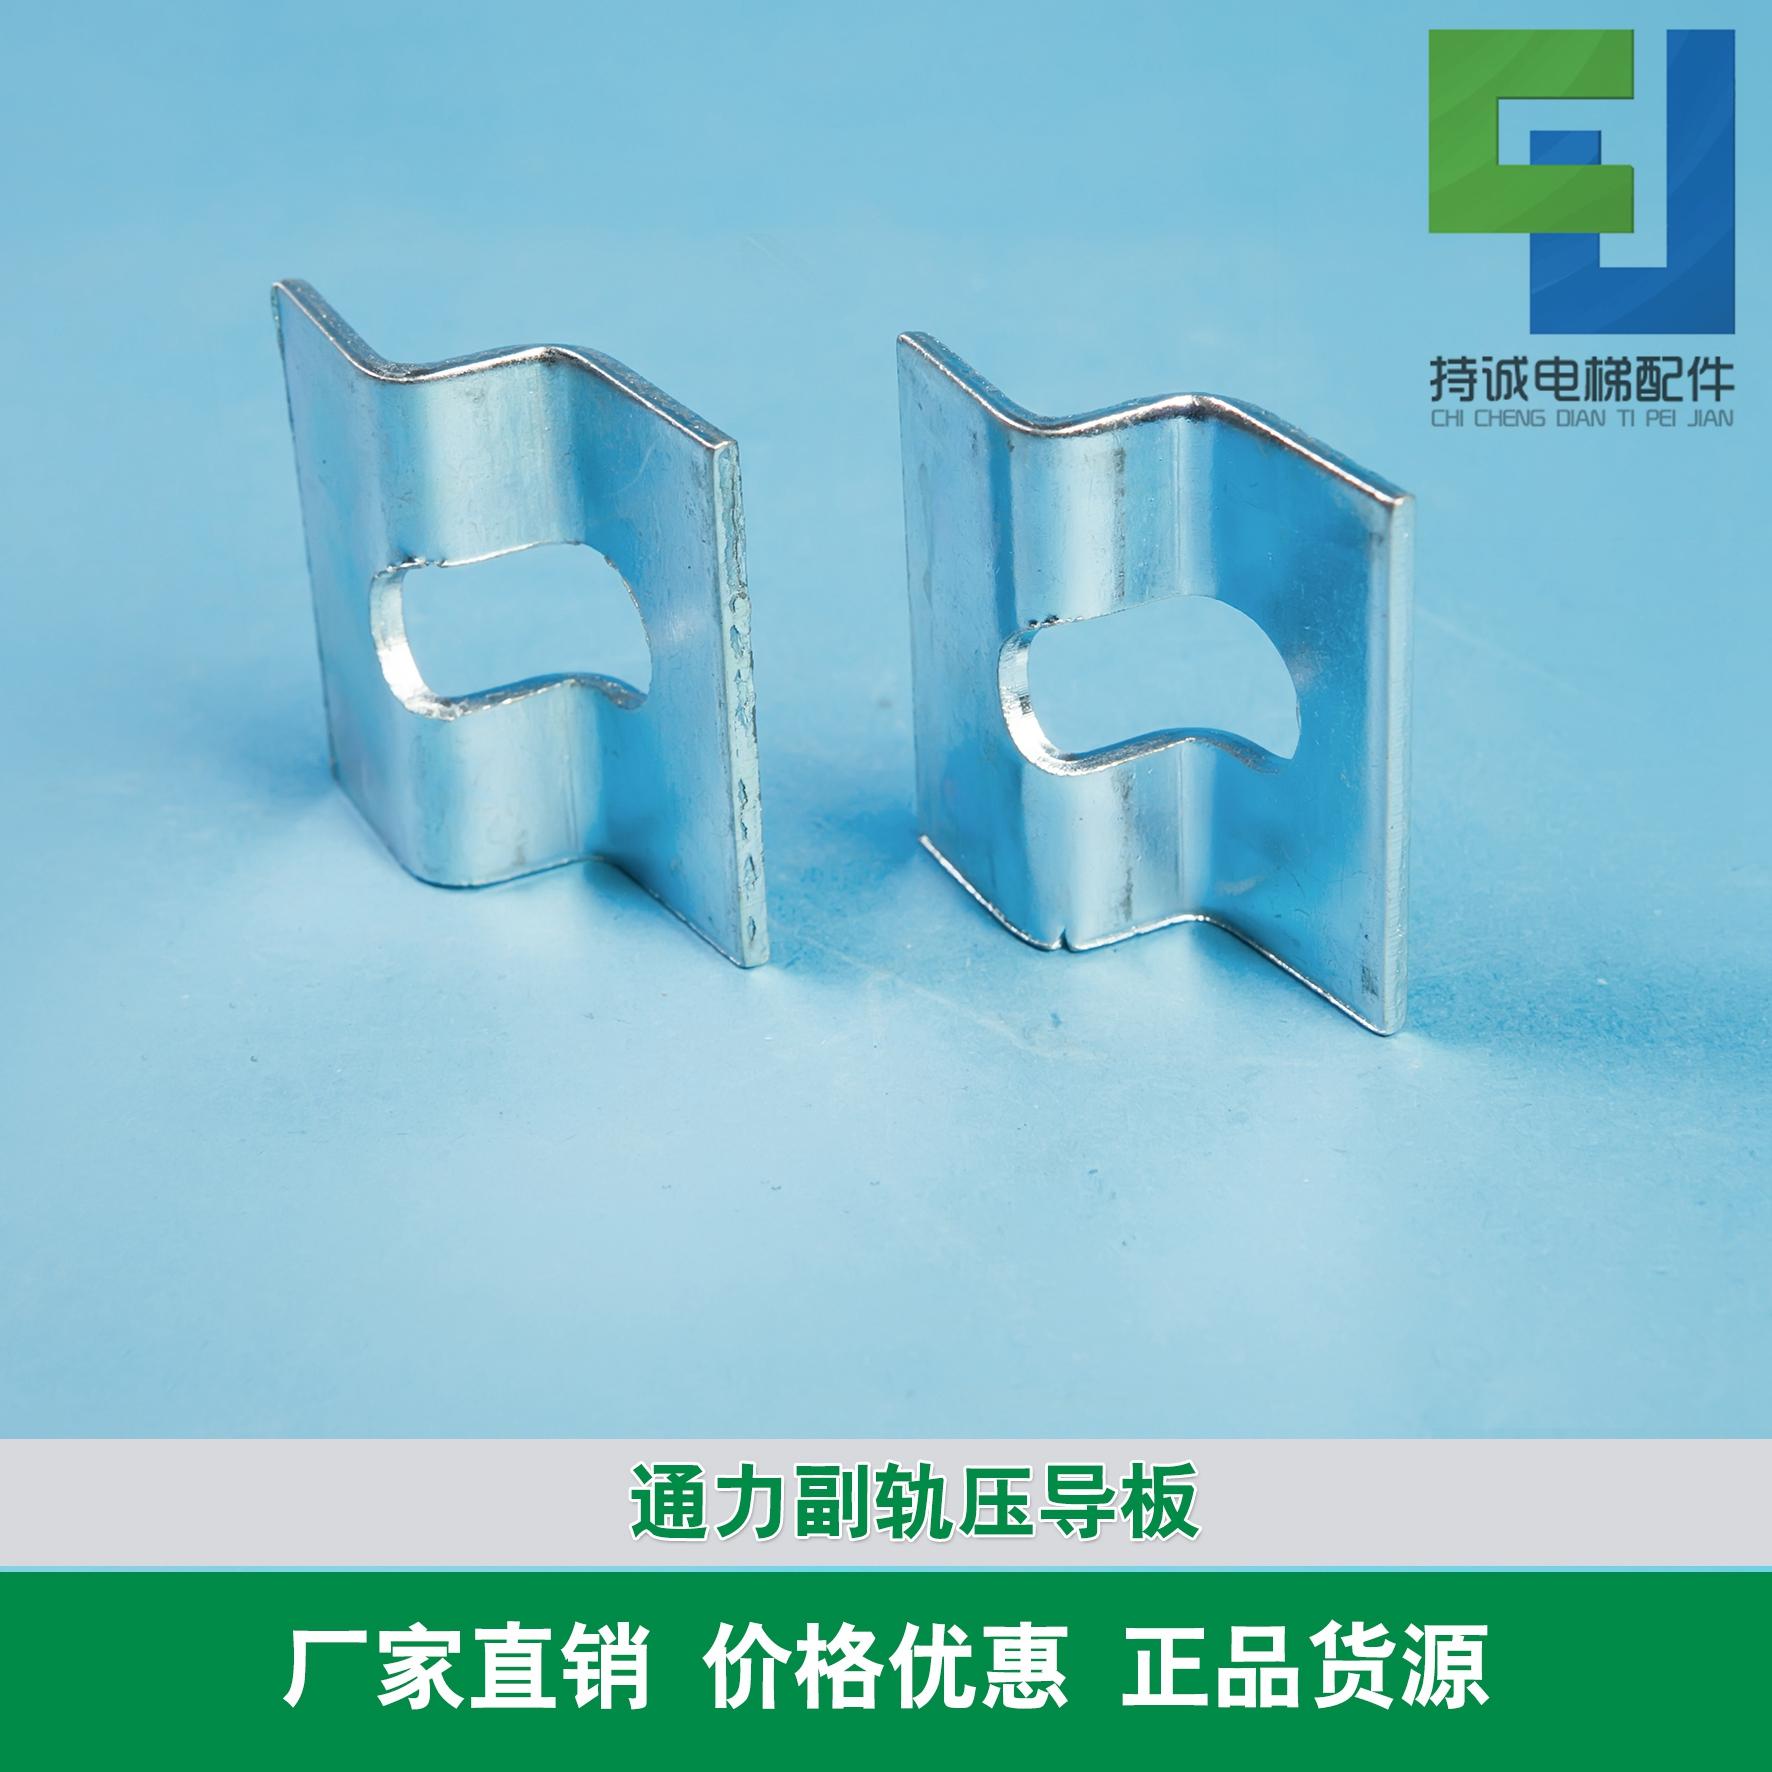 通力压板/帝奥/副轨/付轨/空心导轨/电梯/压码/压导板/电梯配件